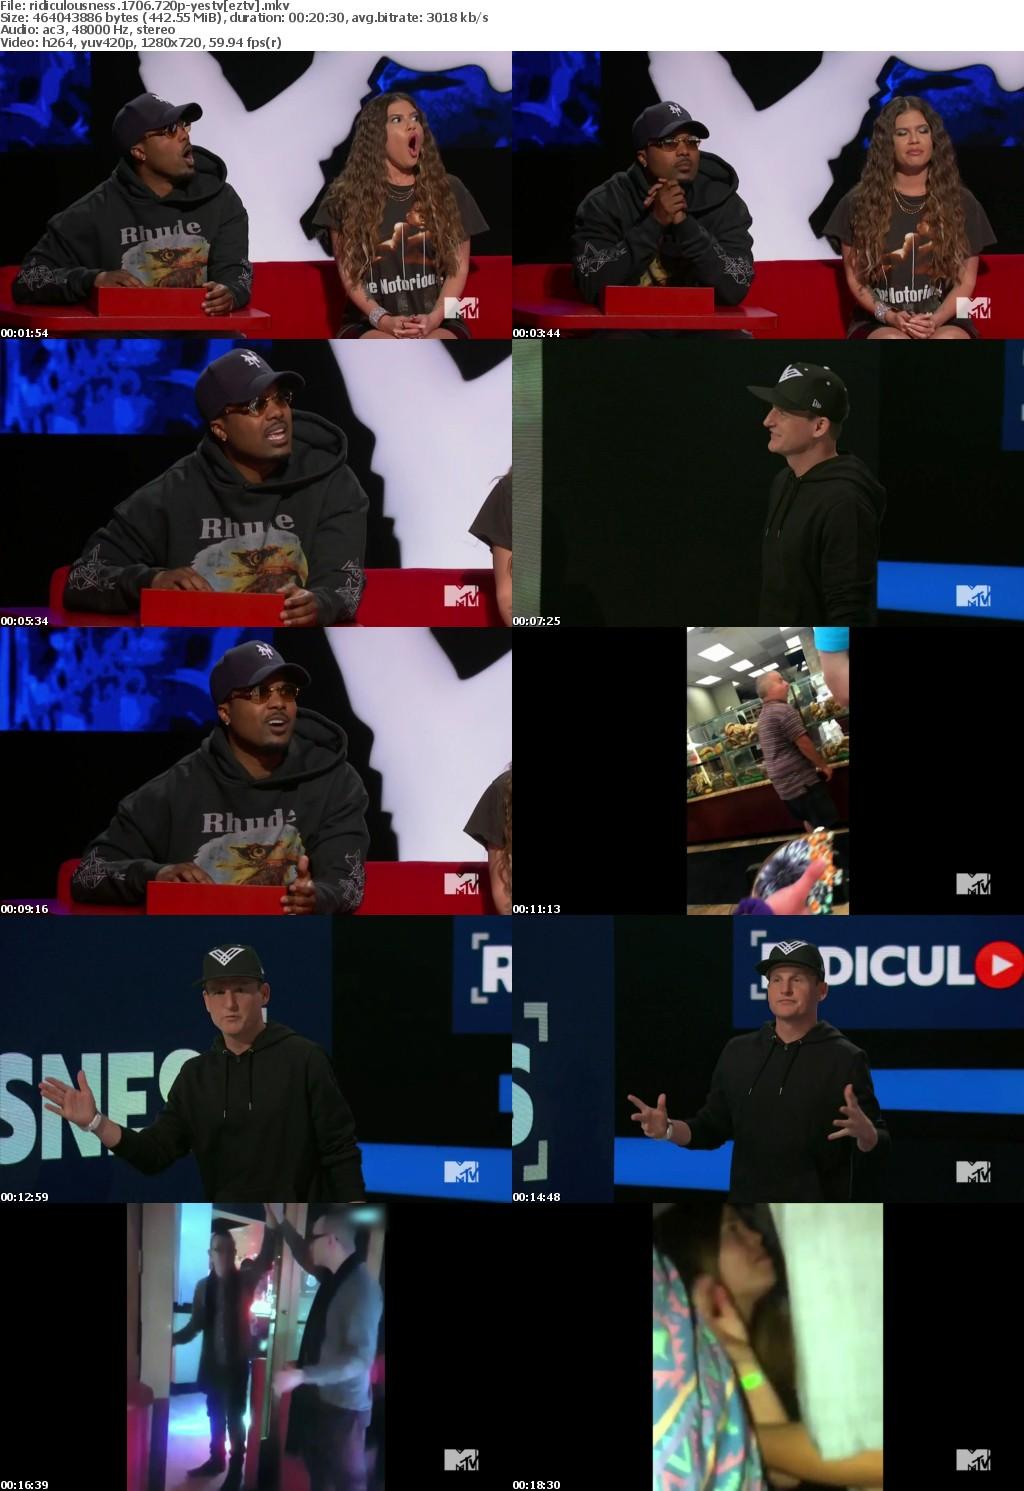 Ridiculousness S17E06 720p HDTV x264-YesTV